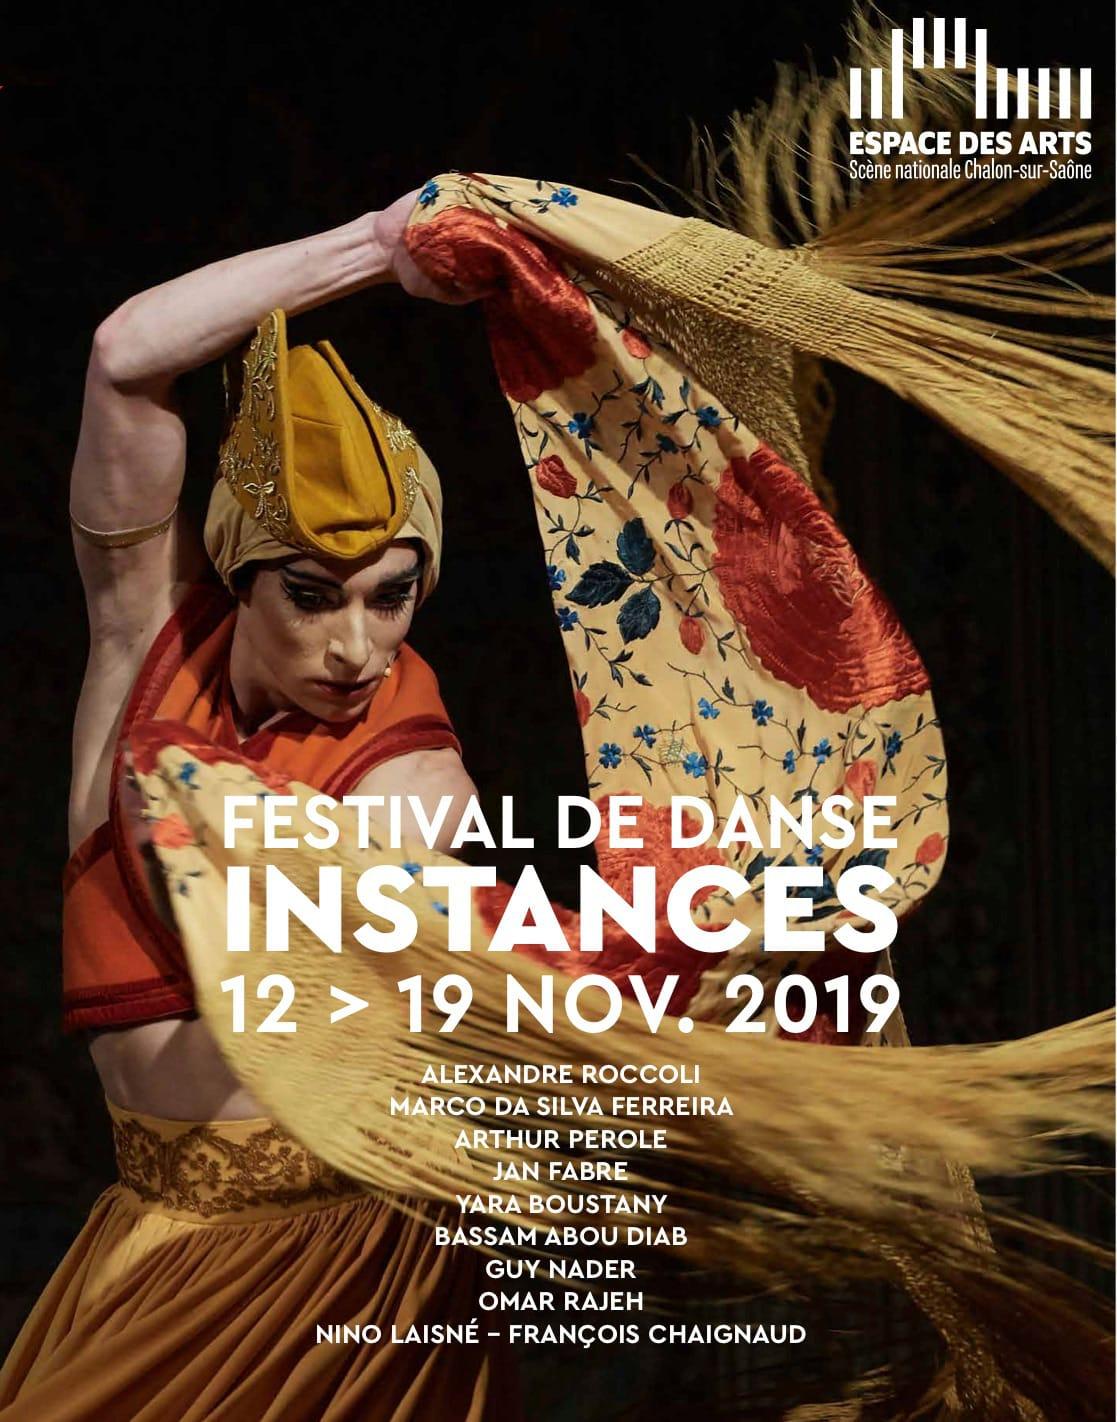 Festival de danse Instances 2019 affiche